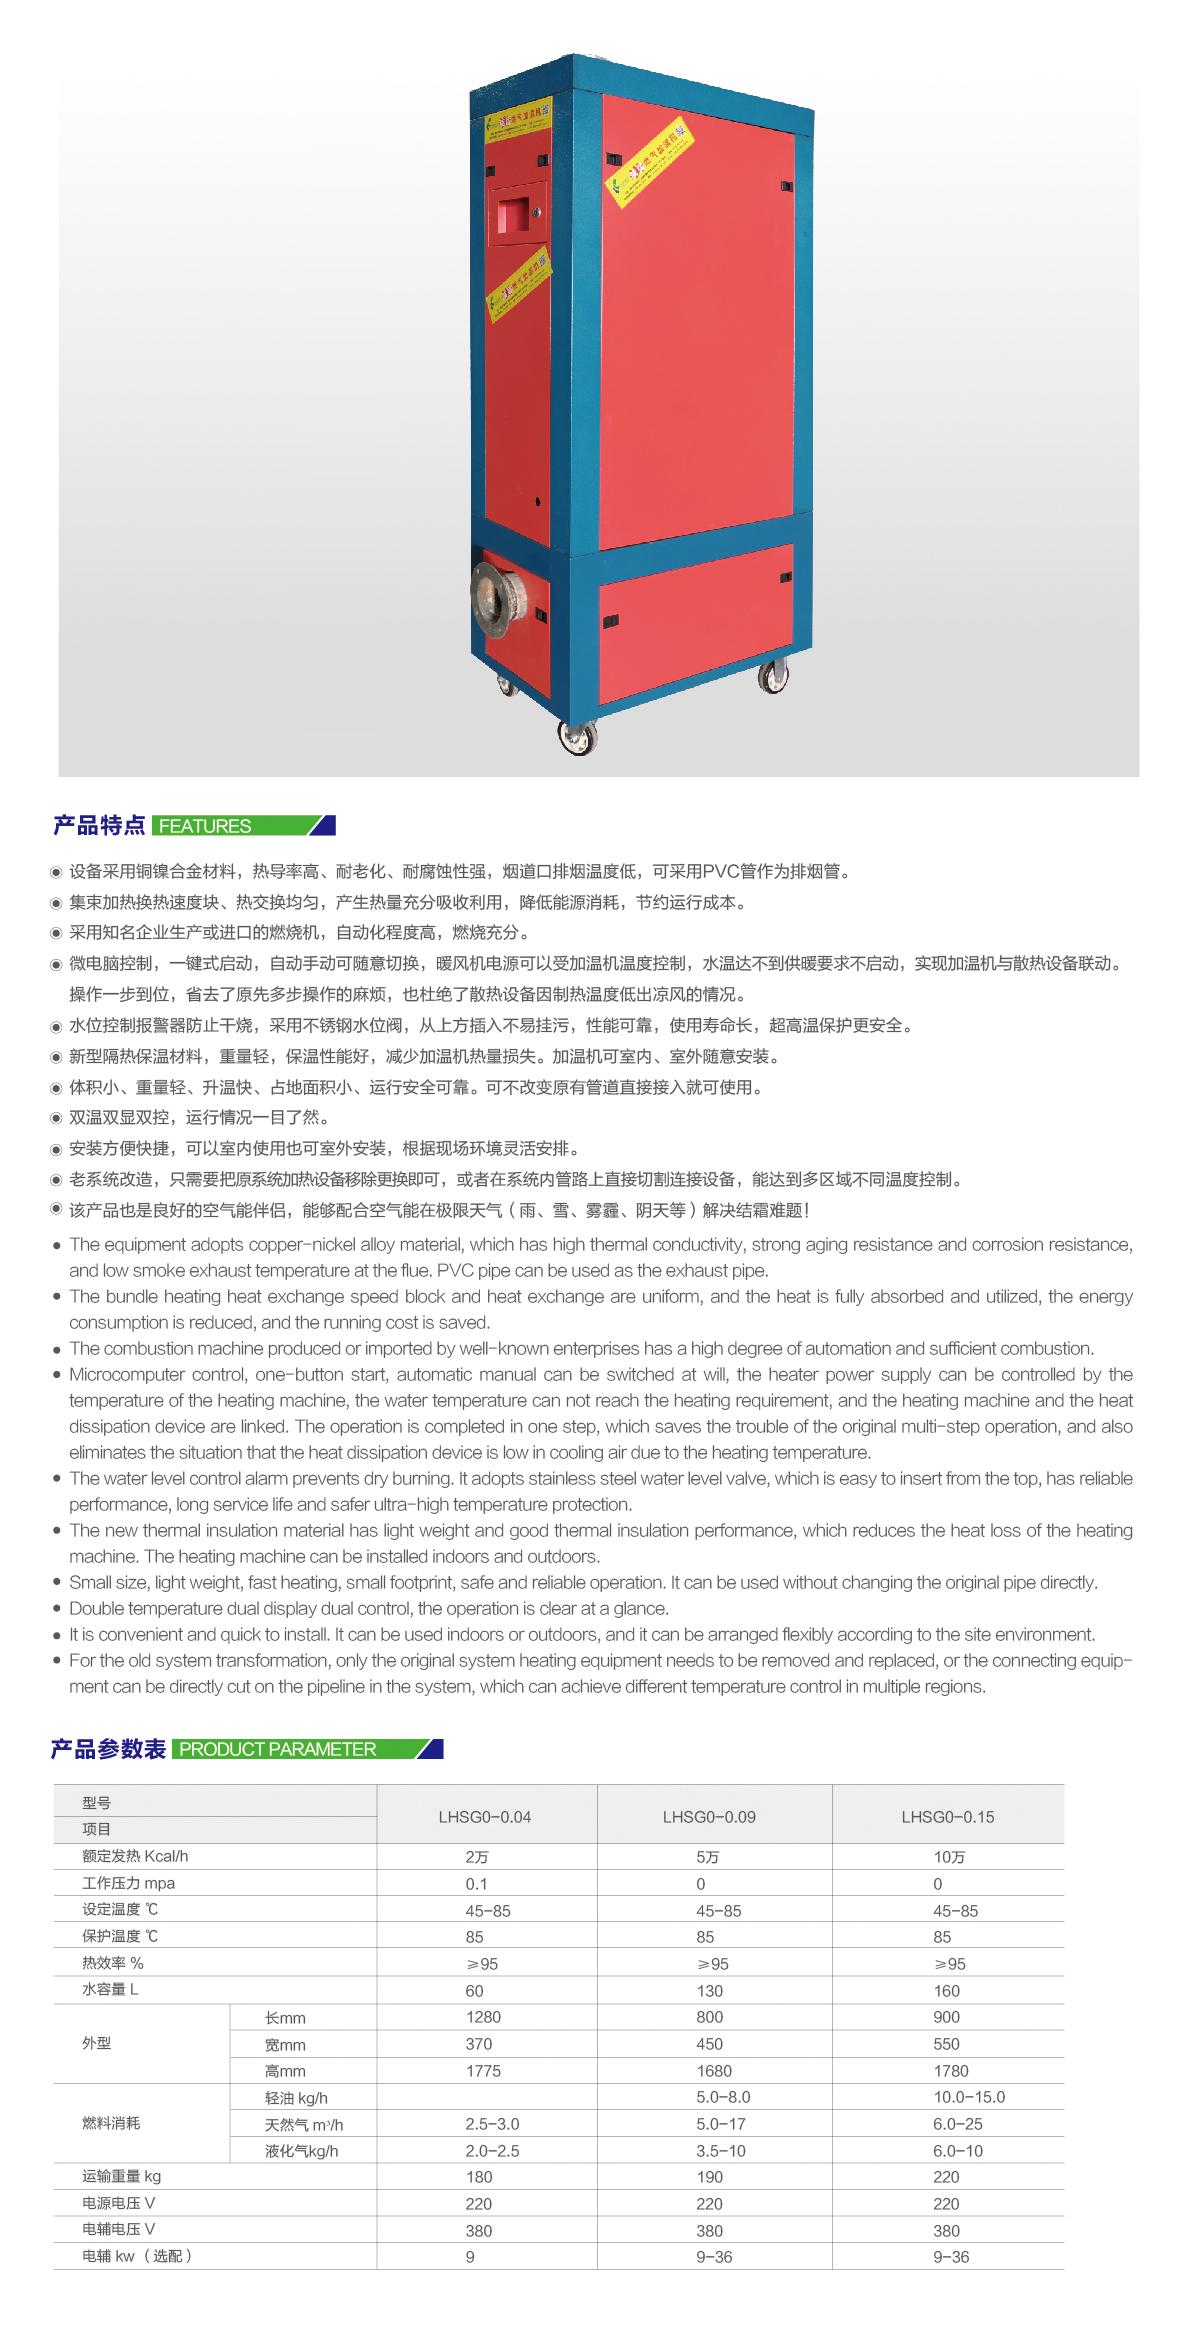 燃氣加溫機(天 然氣、液化氣)